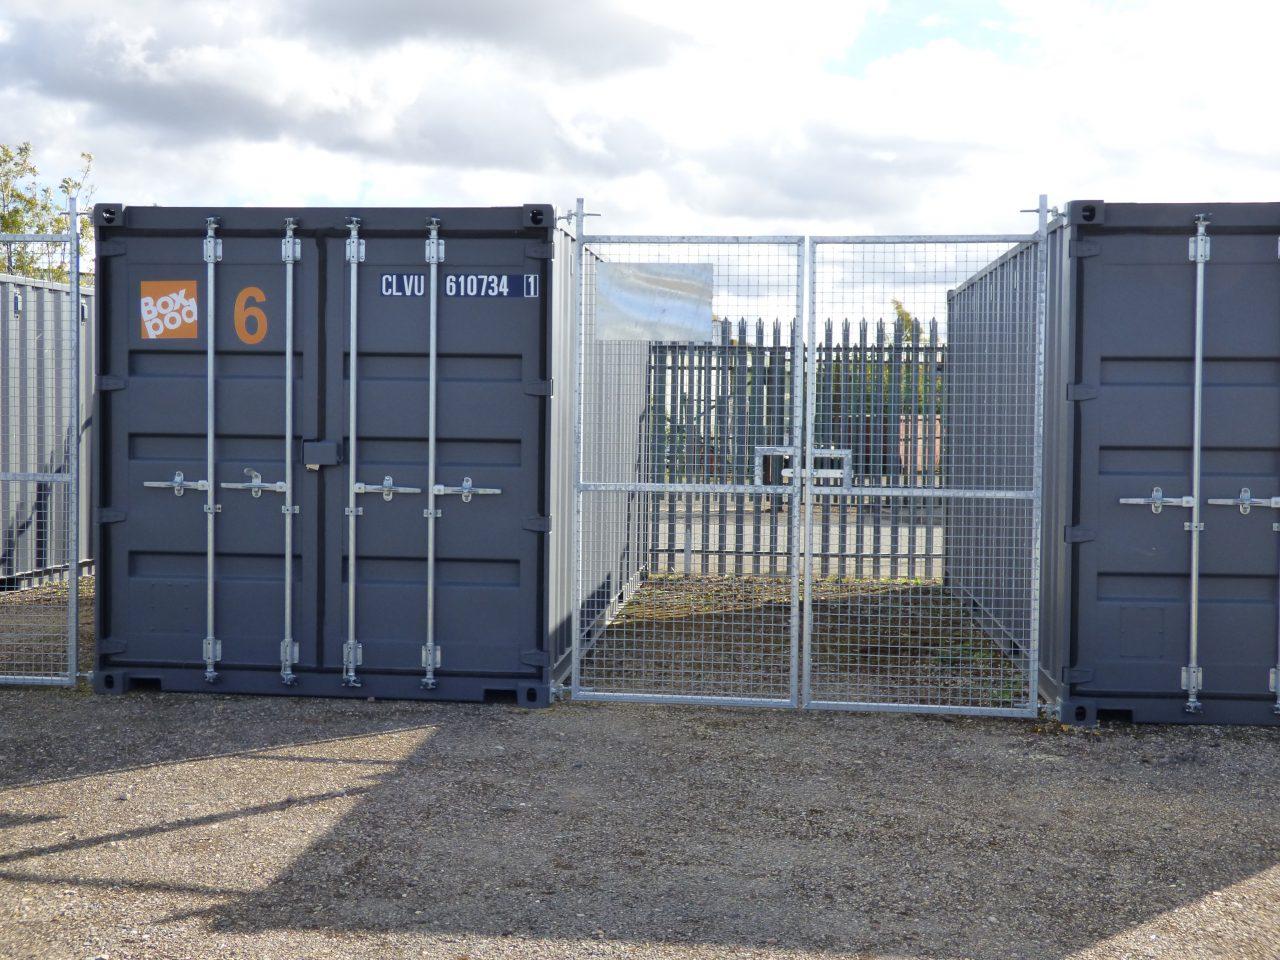 Sel Storage Units in Sleaford